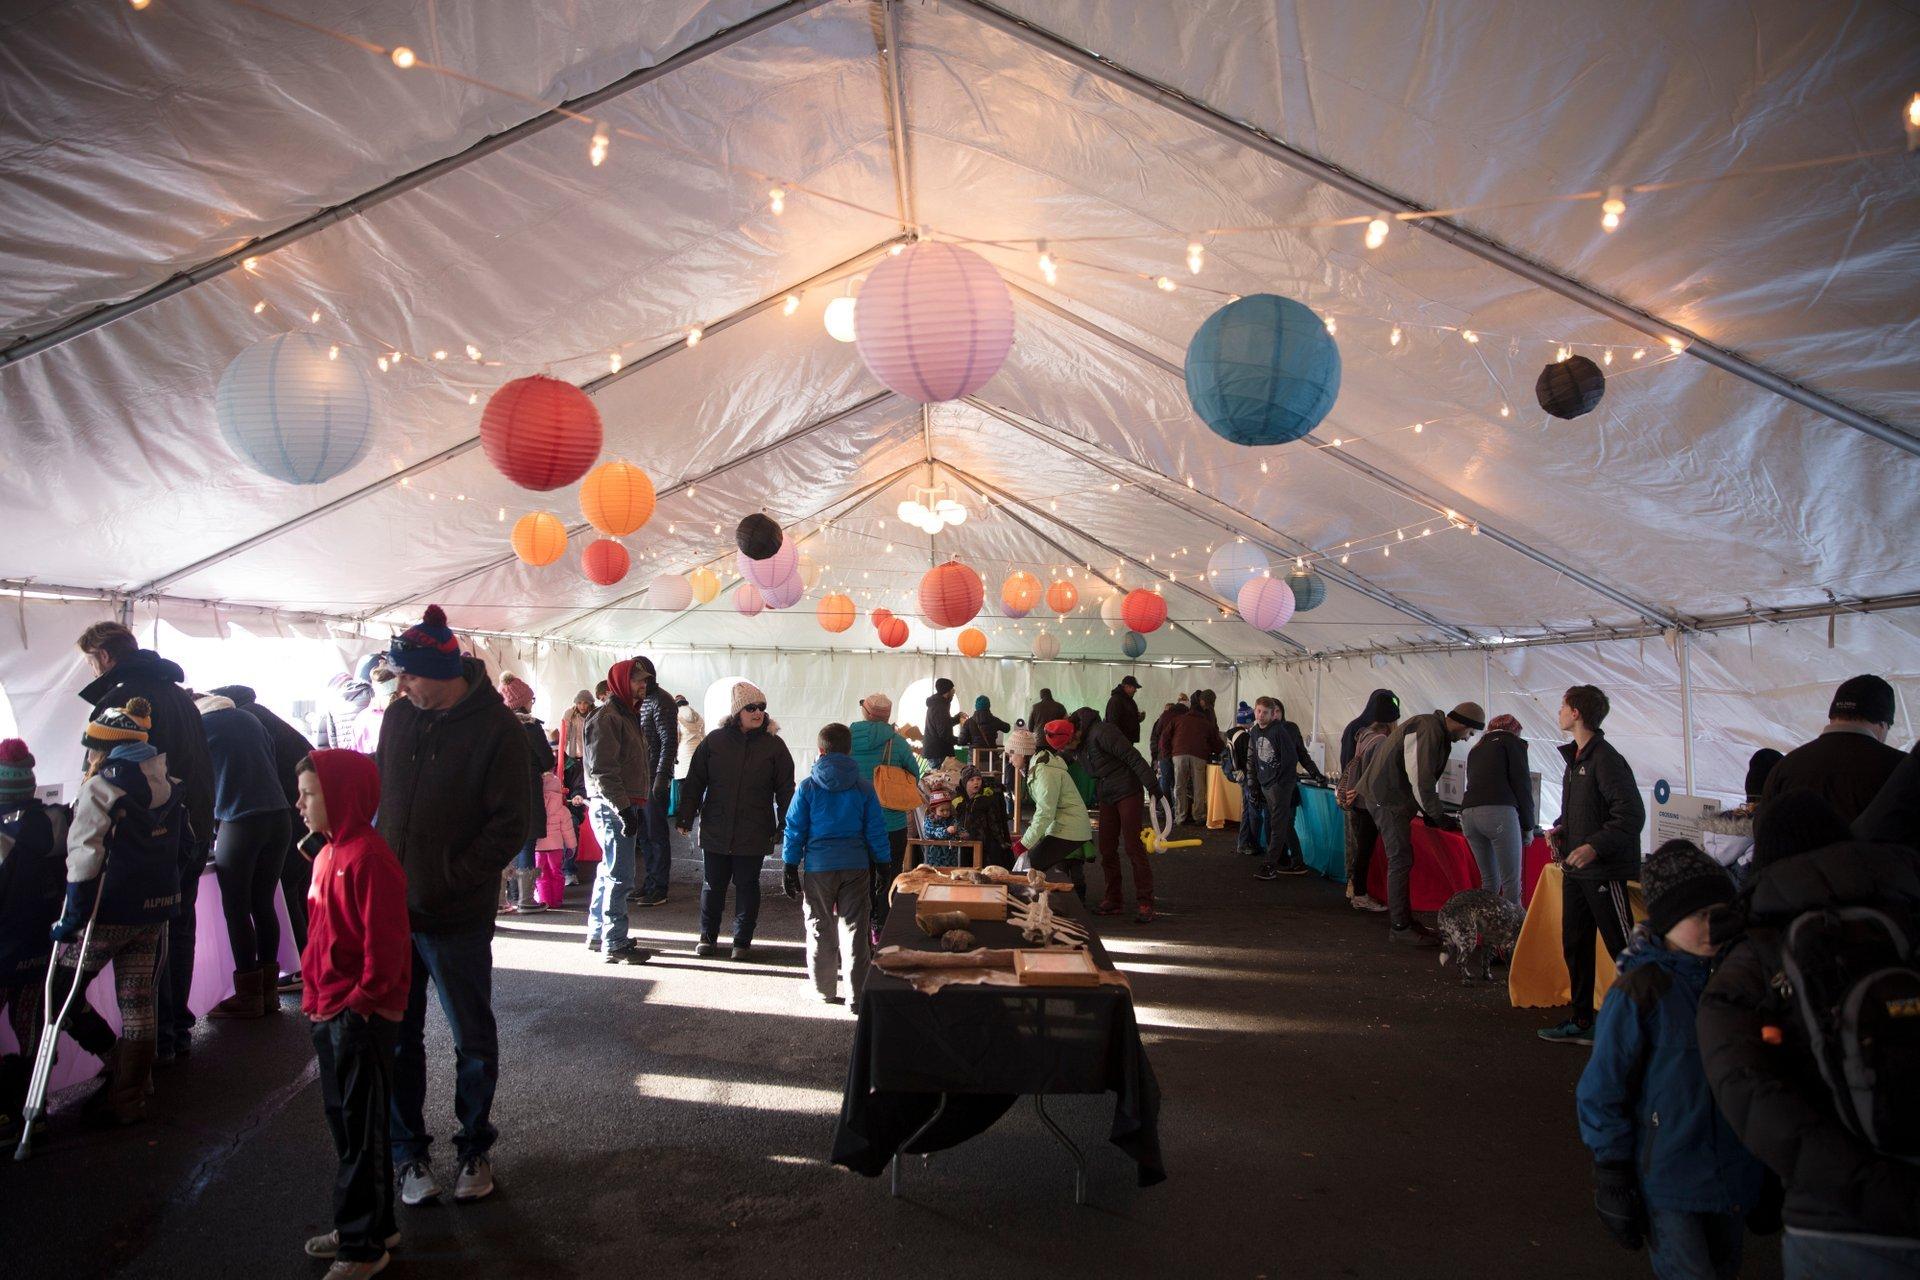 Oregon WinterFest in Oregon - Best Season 2020